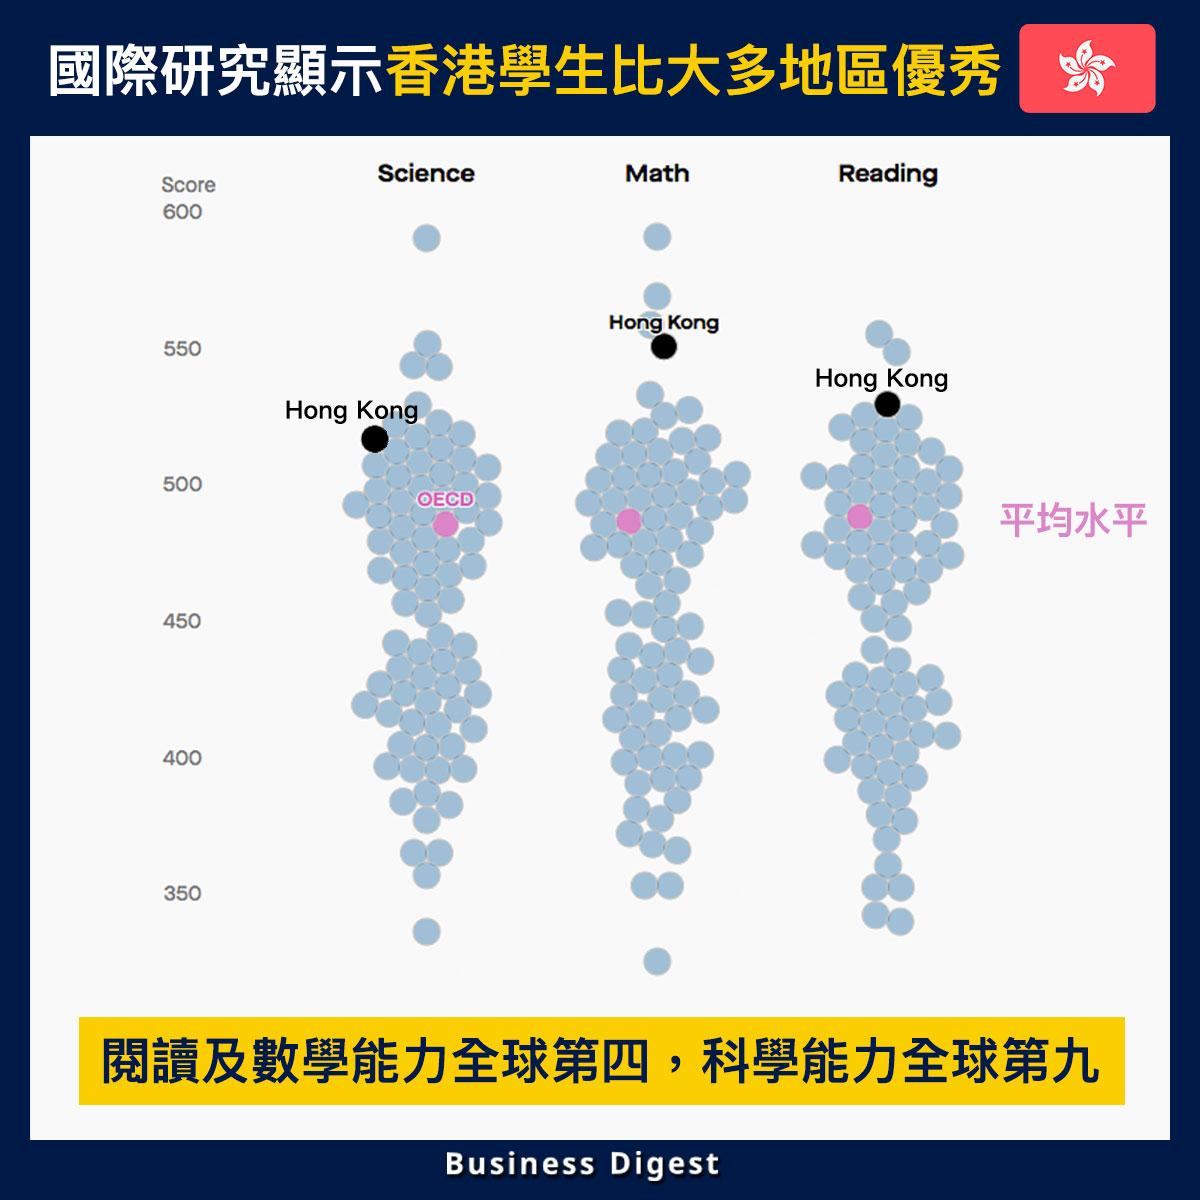 【從數據認識年輕人】國際研究顯示香港學生比大多地區優秀